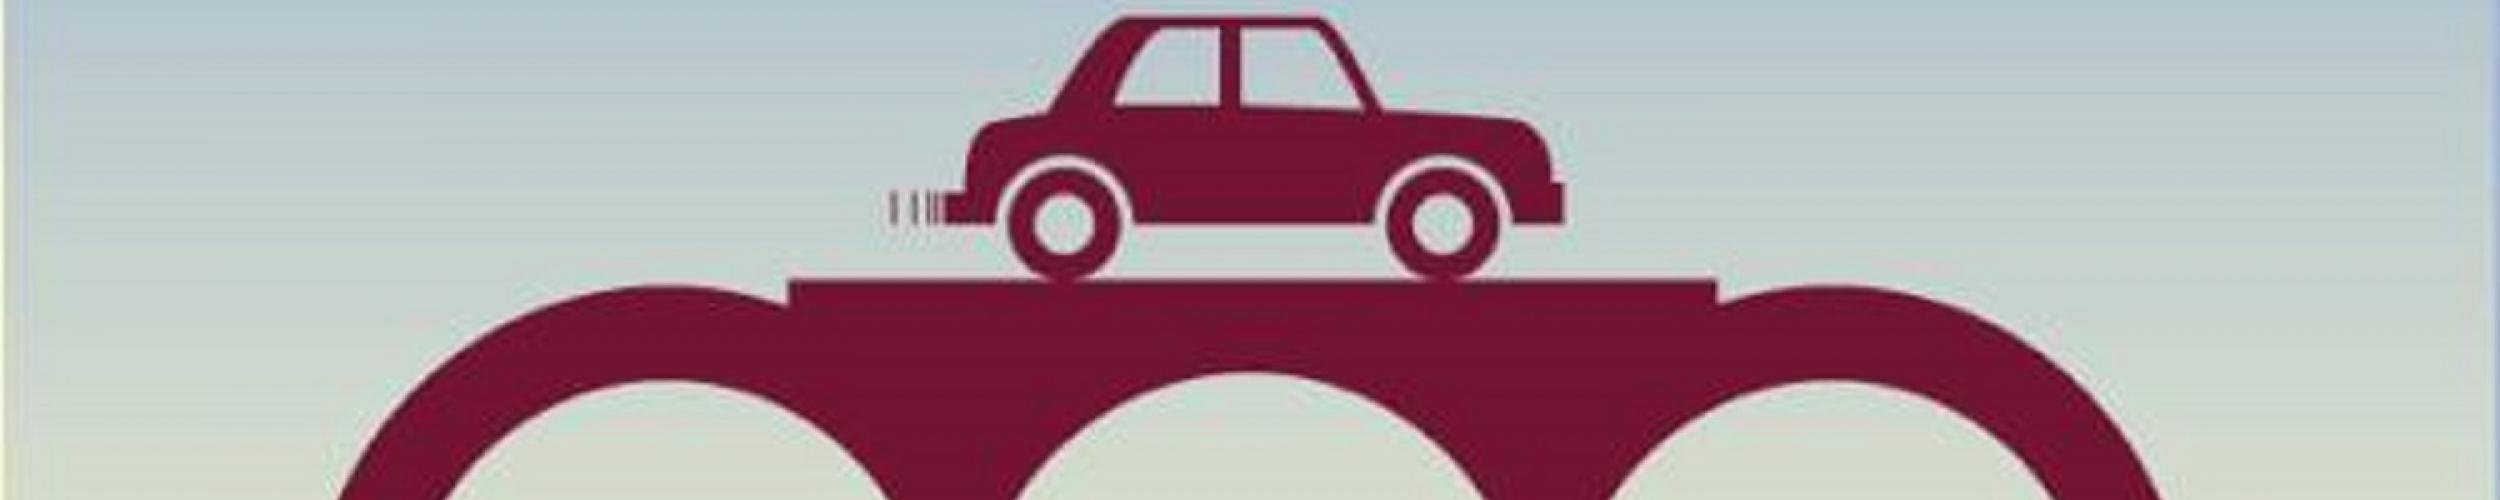 Wij maken de brug! Maandag 20 en dinsdag 21 juli GESLOTEN! Woensdag staan we opnieuw voor je klaar!